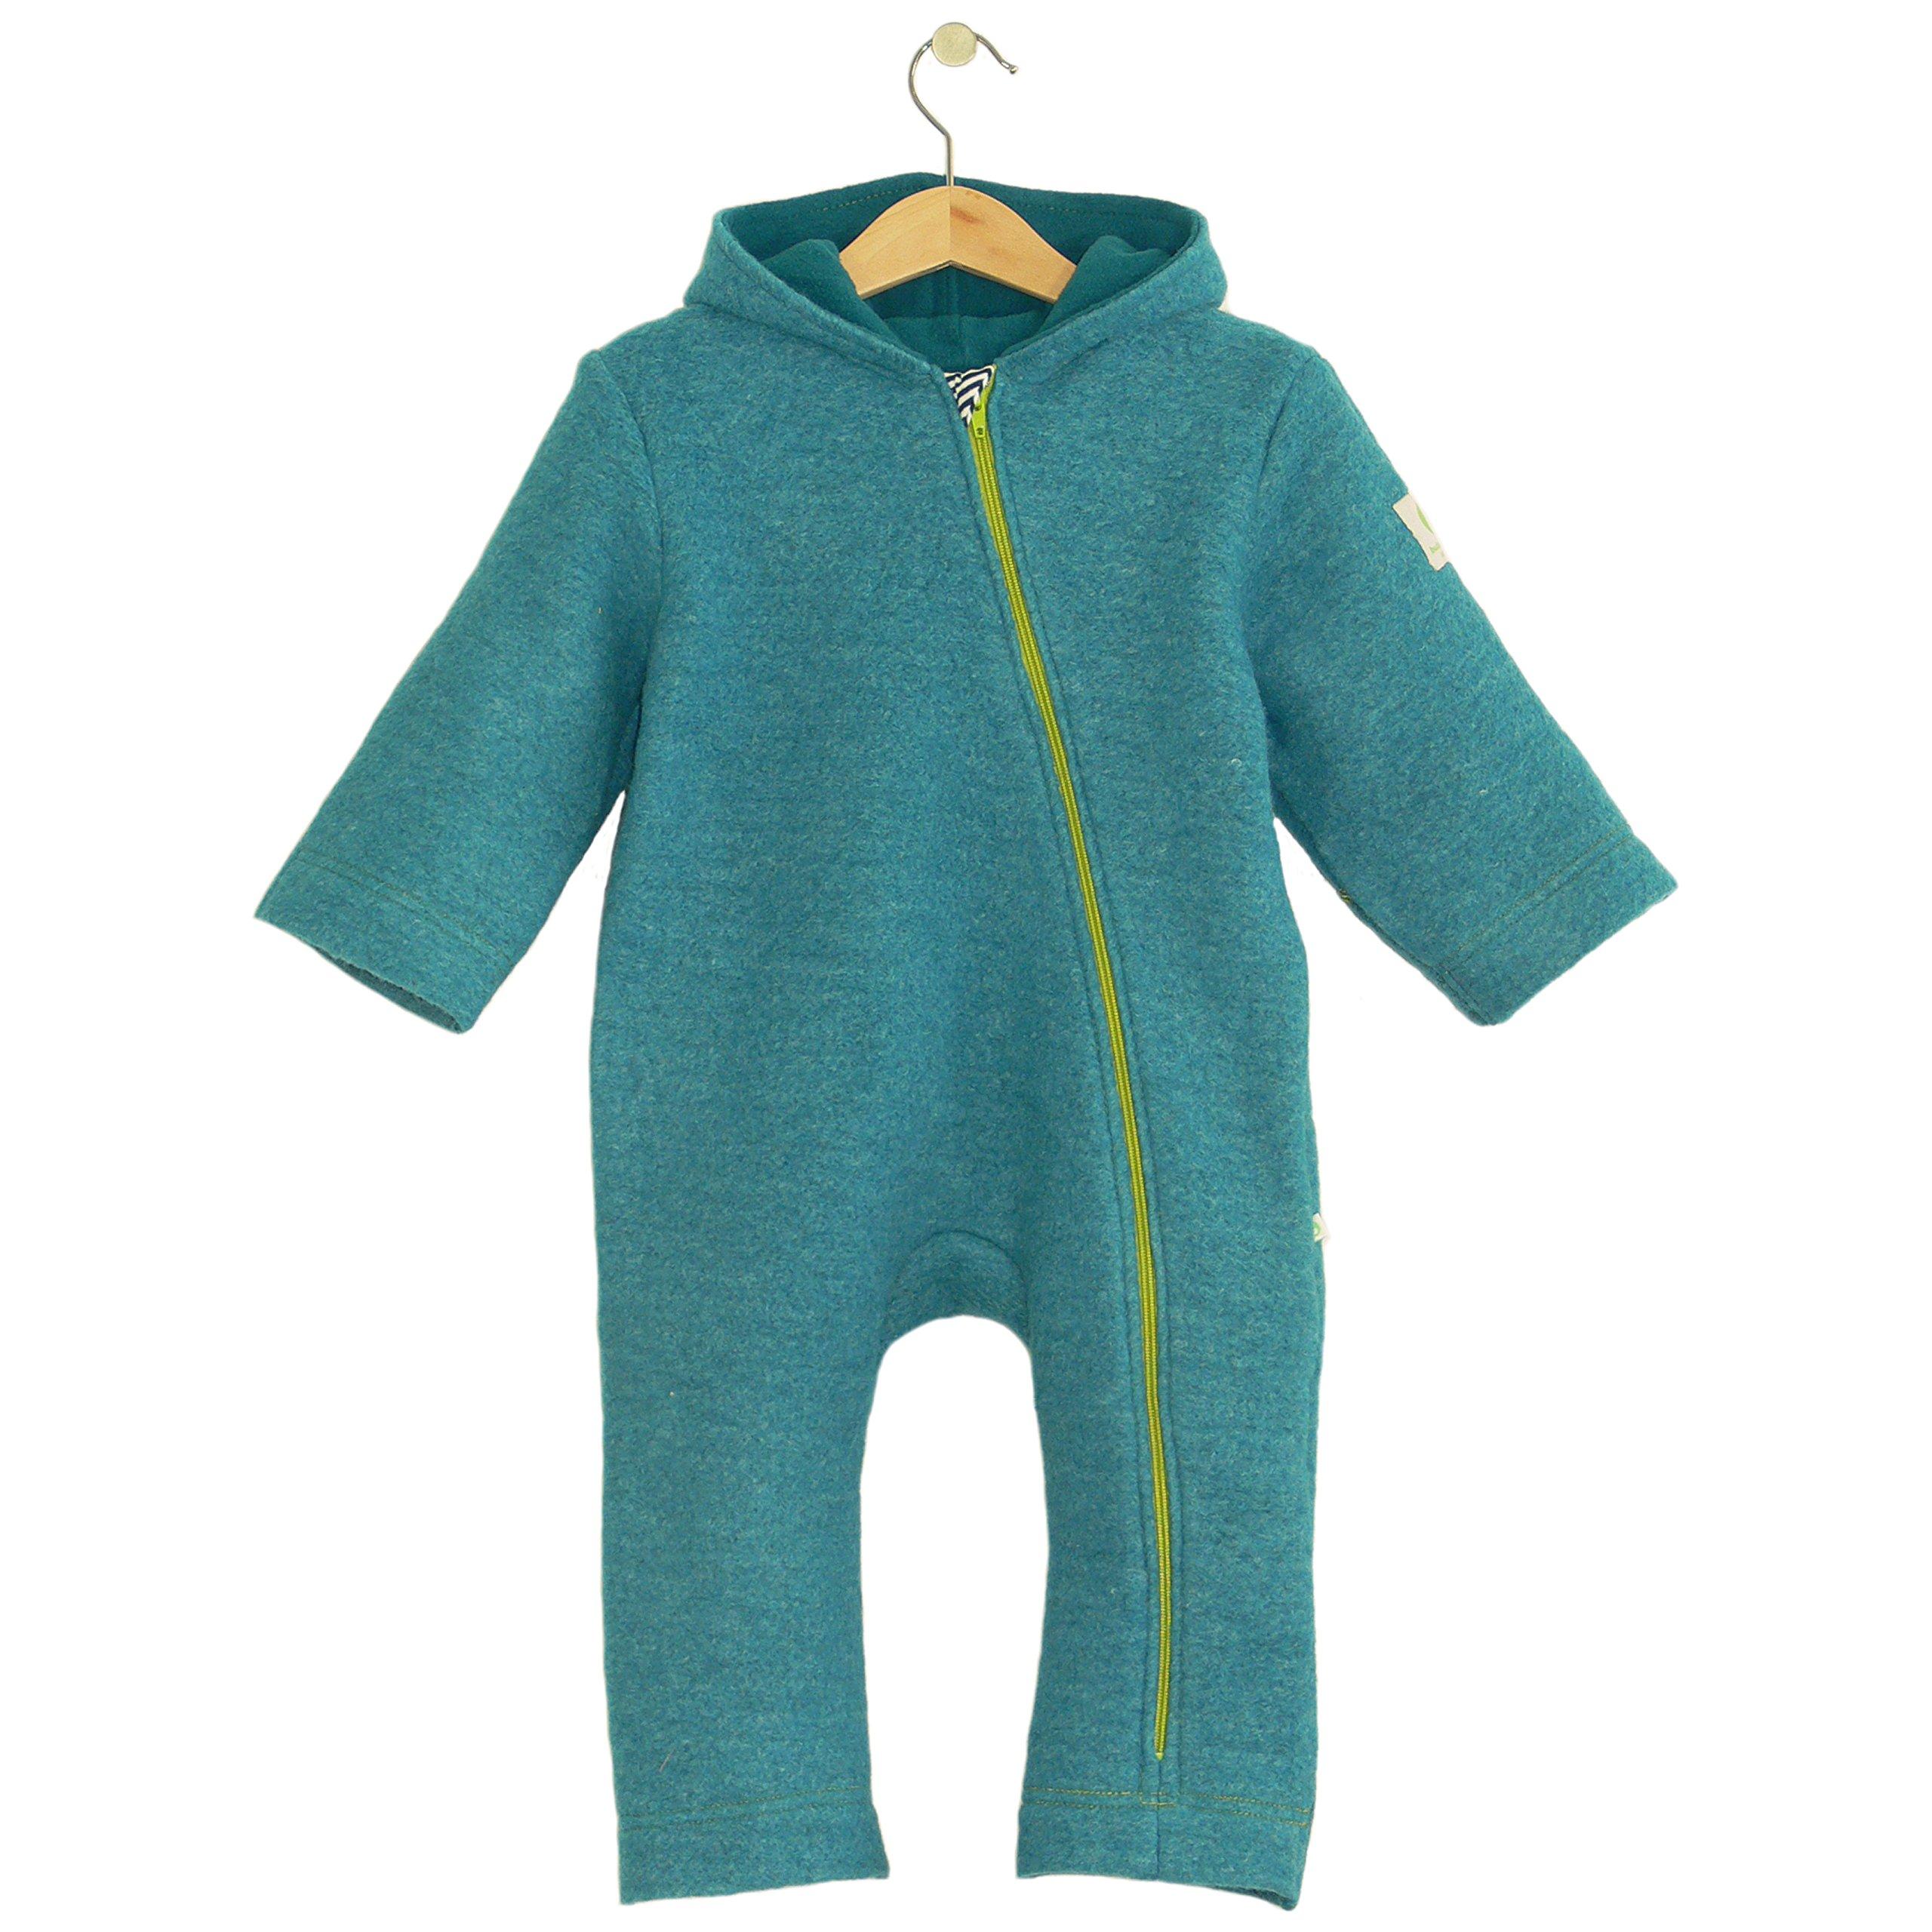 d067f789ba bubble.kid berlin - Unisex Baby Mädchen Jungen Herbst Winter Anzug Overall  Einteiler - Soft